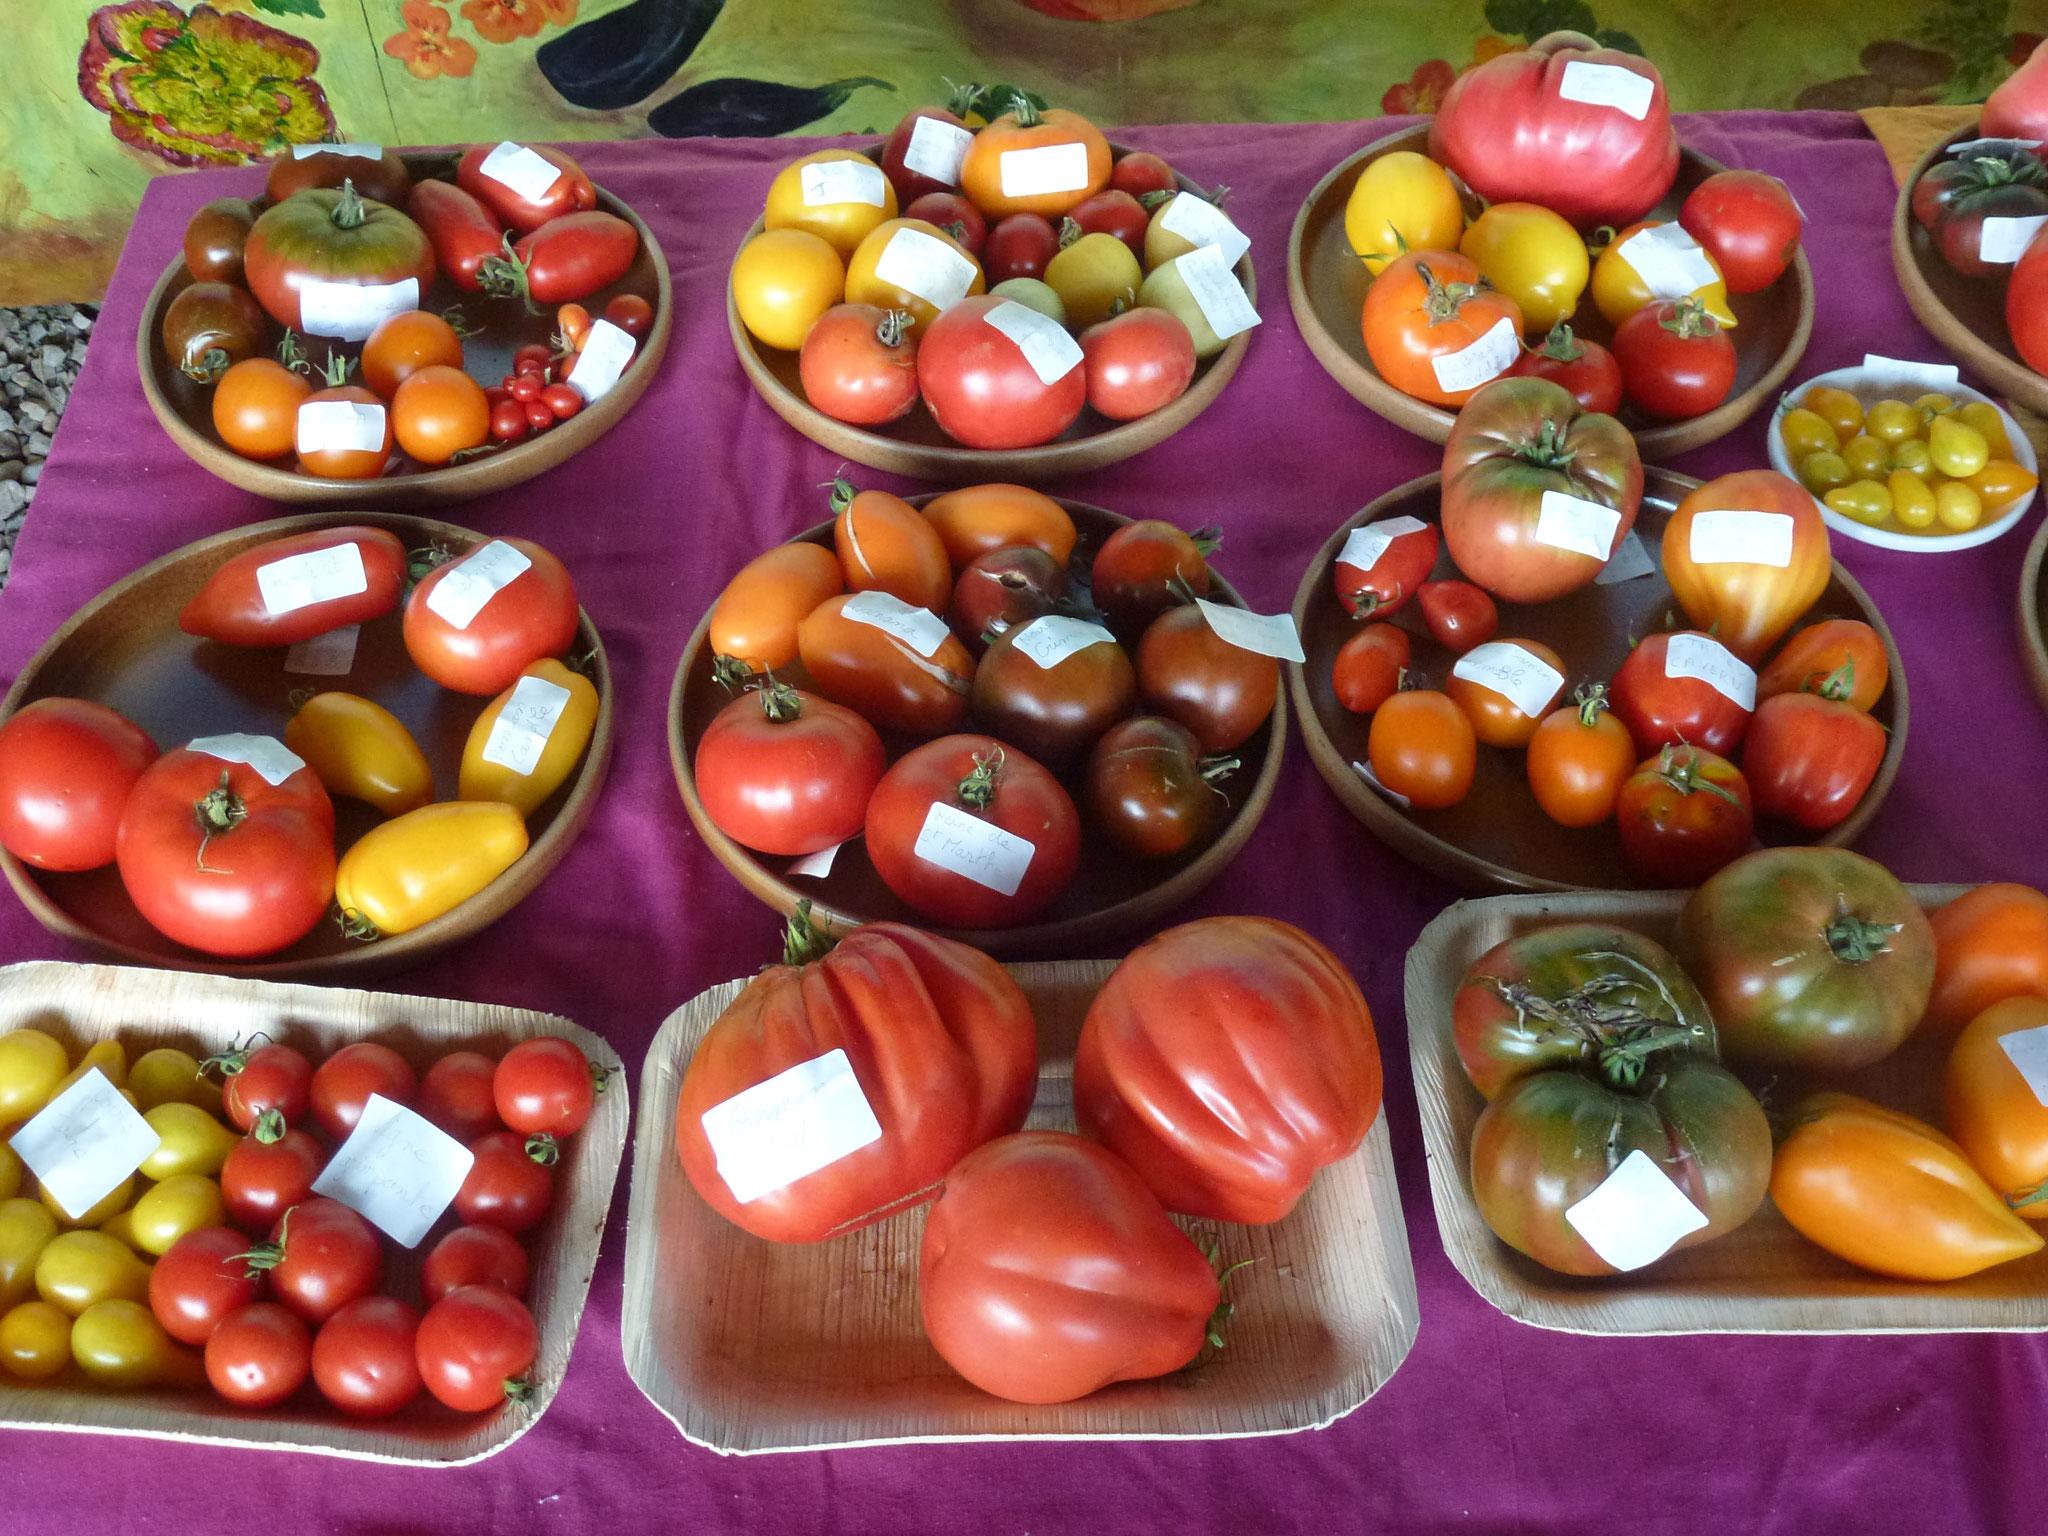 150 tomates à déguster pleines de couleurs!!